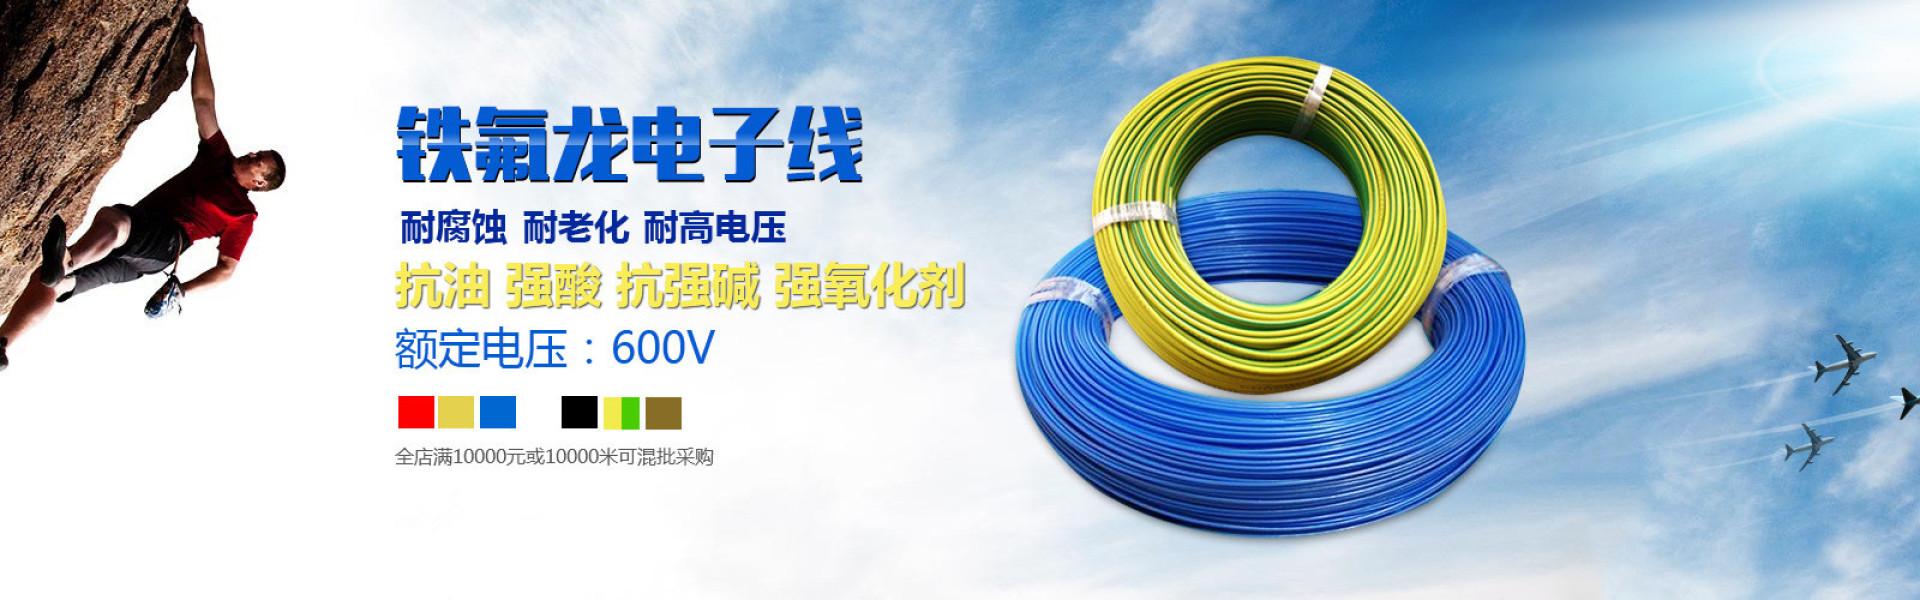 铁氟龙电线设备,铁氟龙电线,铁氟龙高温线,东莞市依顿电子科技有限公司